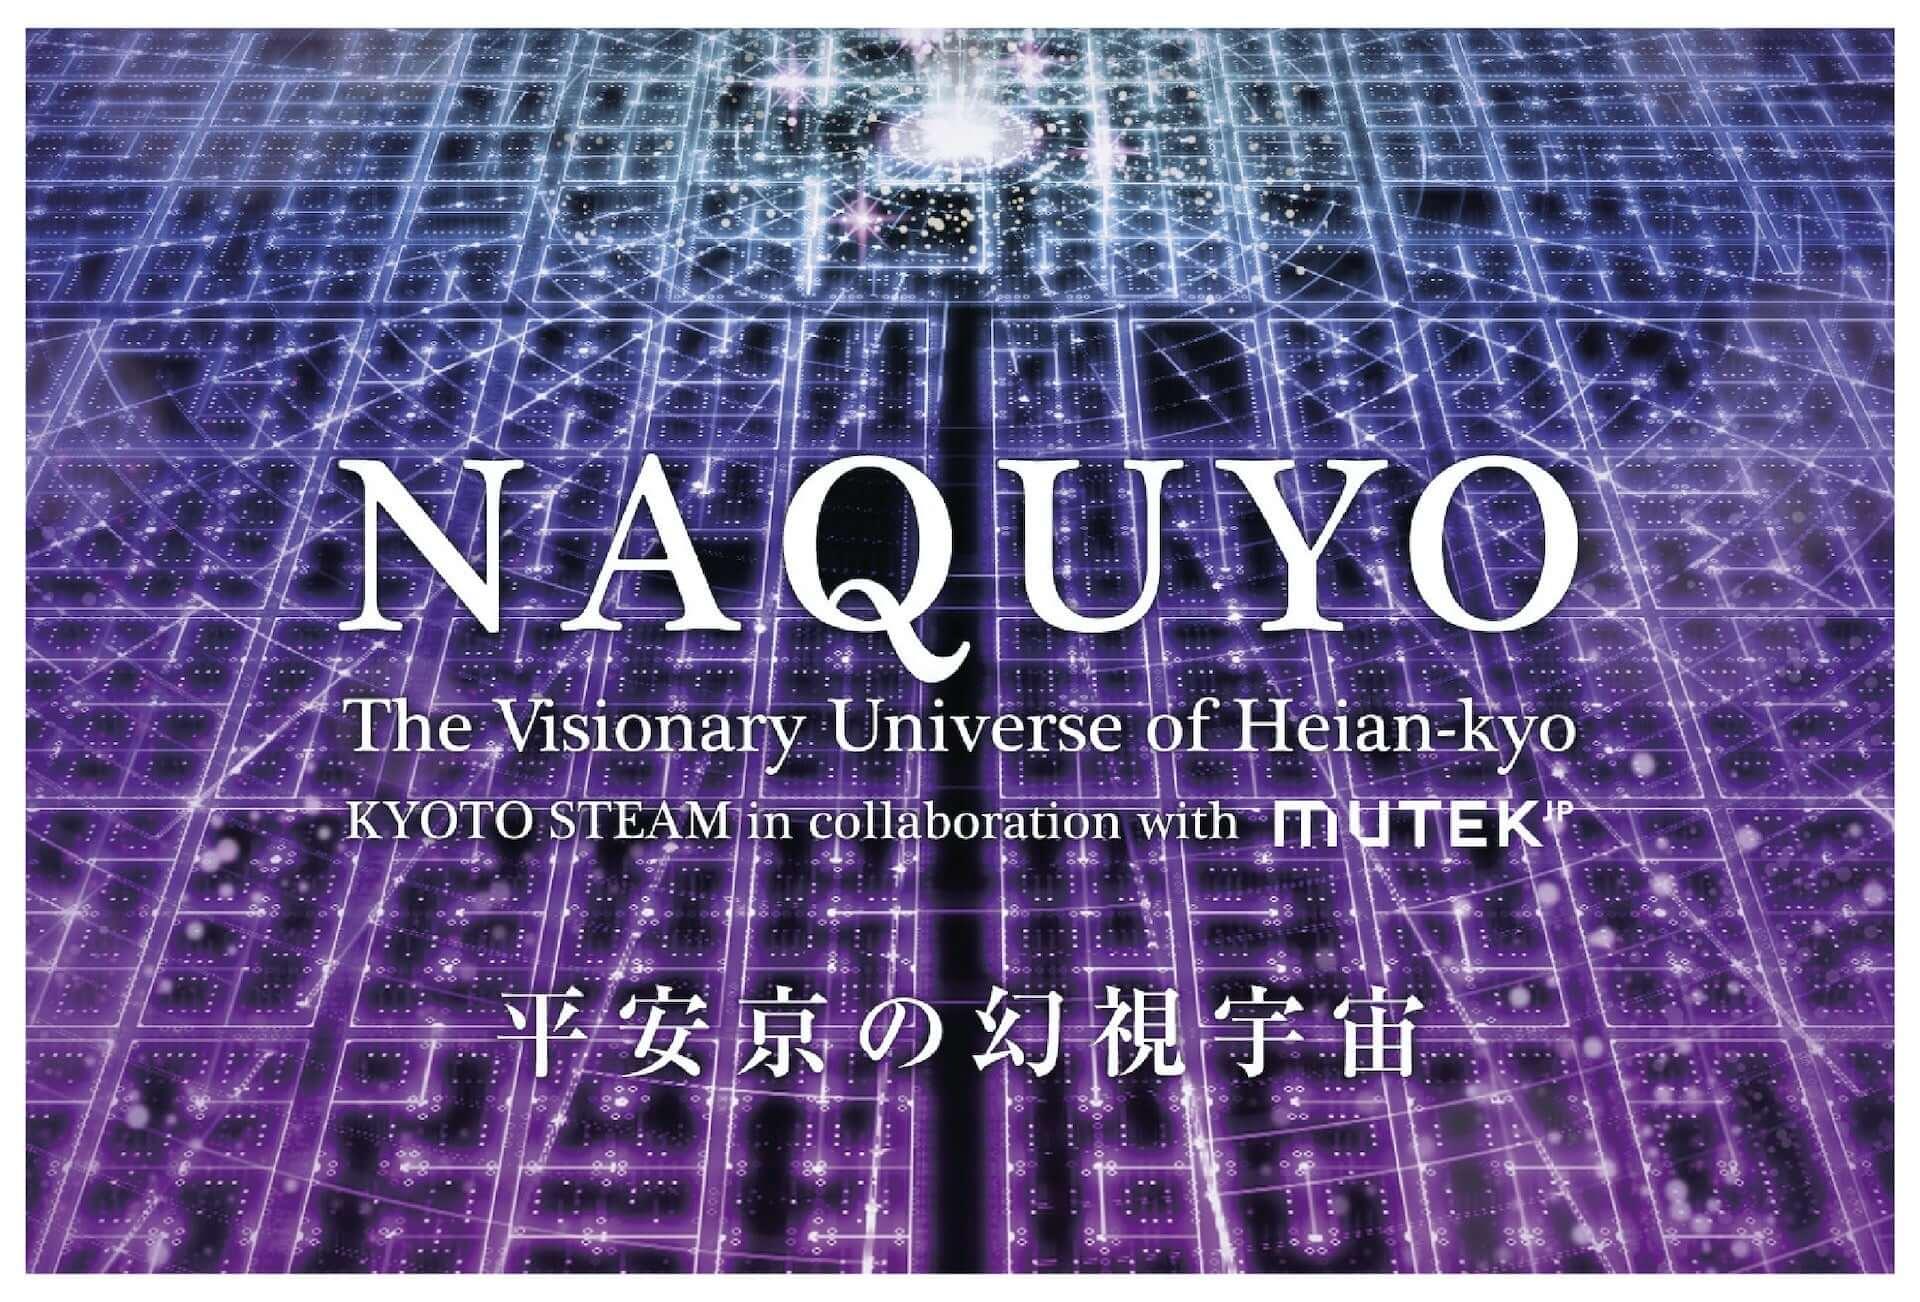 <KYOTO STEAM -世界文化交流祭- 2022 prologue>が開催決定!<MUTEK.JP>とのコラボプロジェクト「NAQUYO」やワークショップなど実施 art210309_kyoto-steam_4-1920x1302